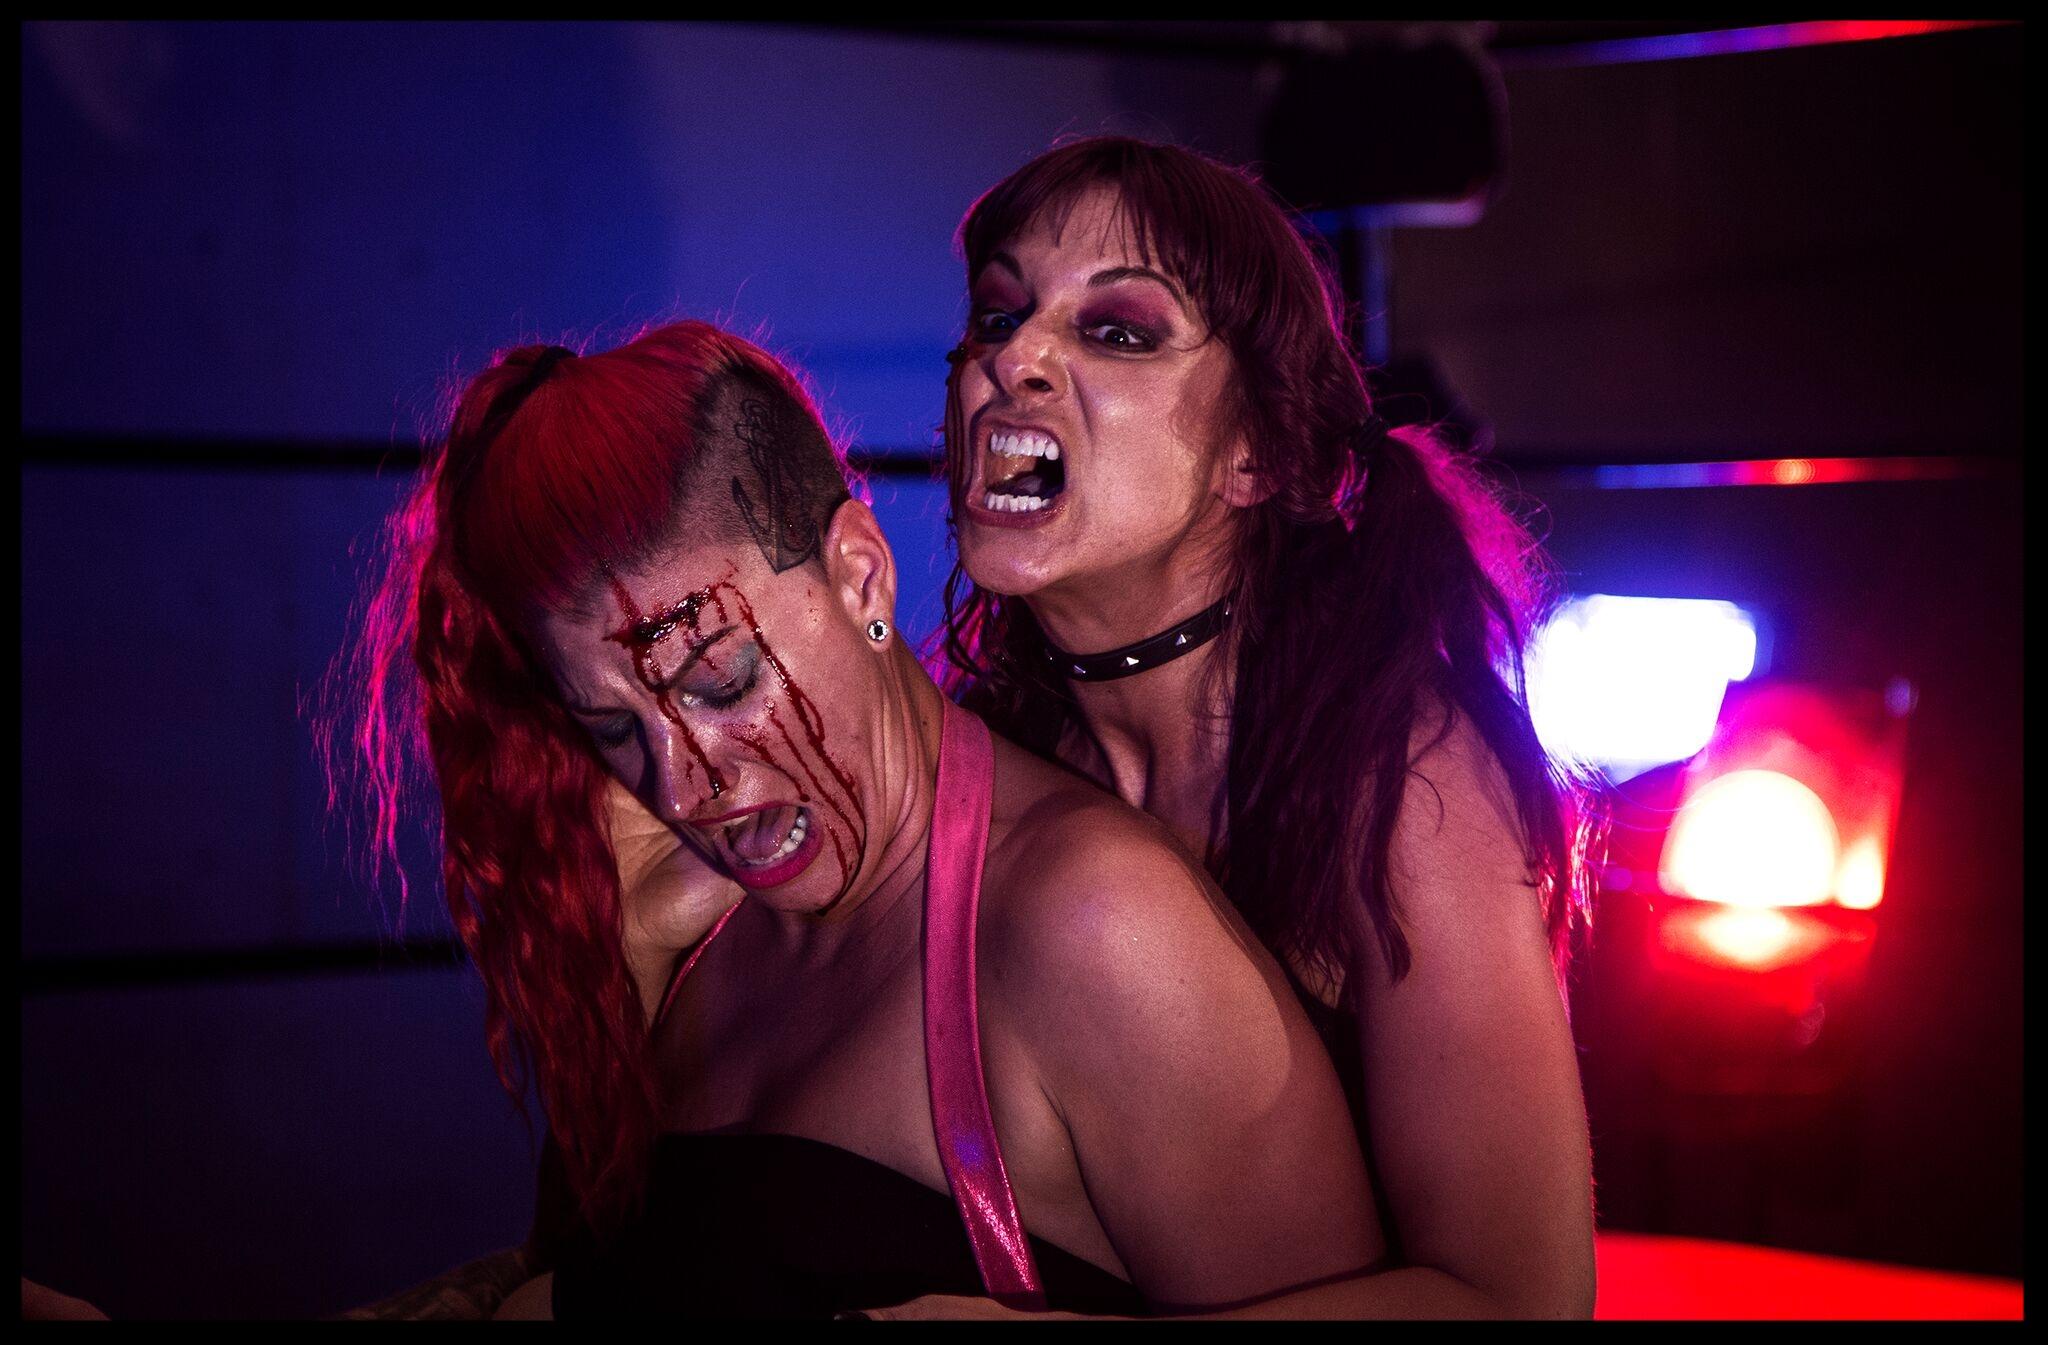 _PARTS UNKNOWN_ Movie Still-01 - Actresses Sarah Michelle & Lizzie Havoc.jpeg